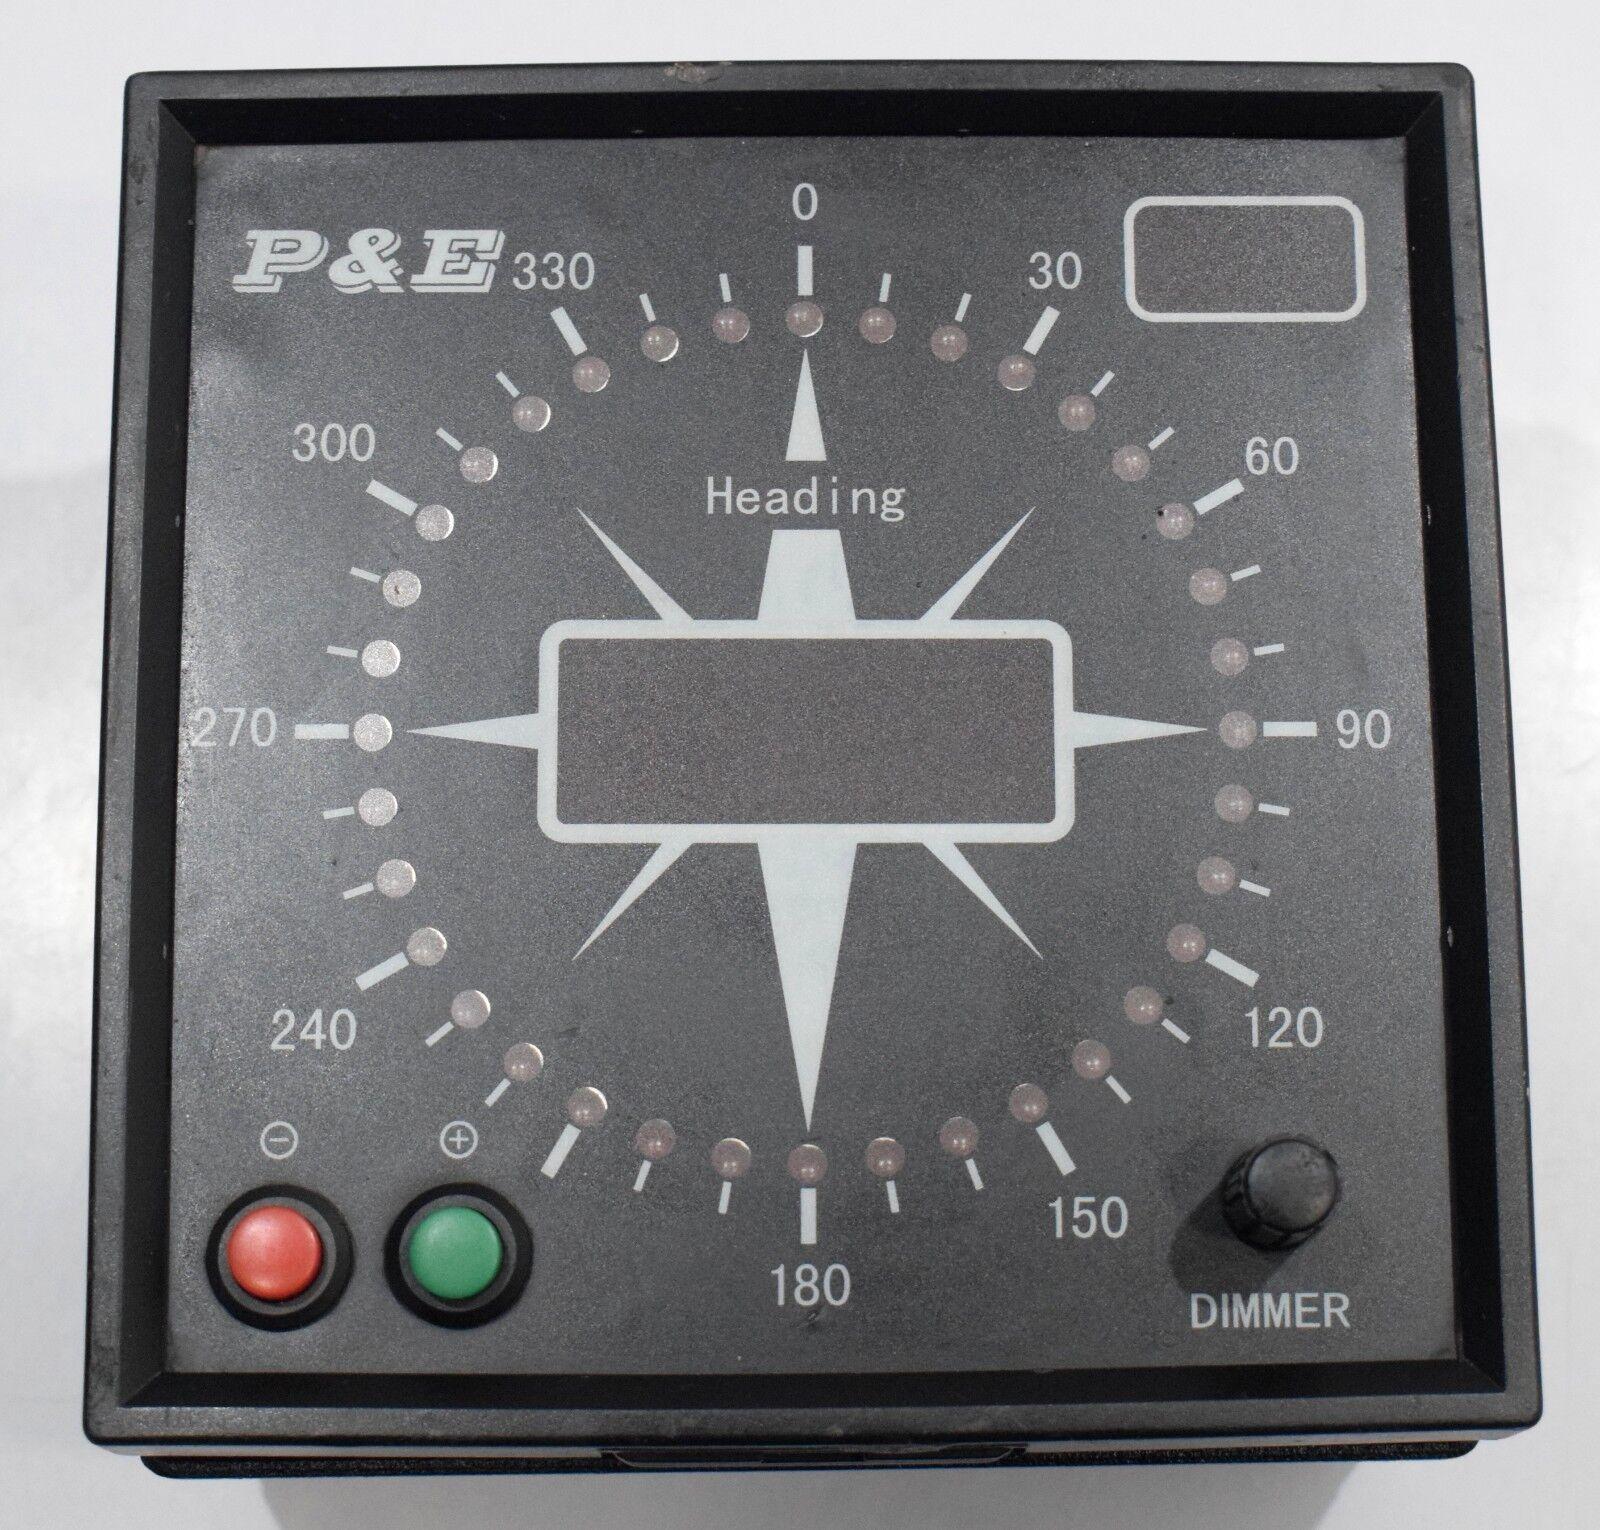 P&E  C43 gyro interface marine ship`s navigation instrument  scelte con prezzo basso